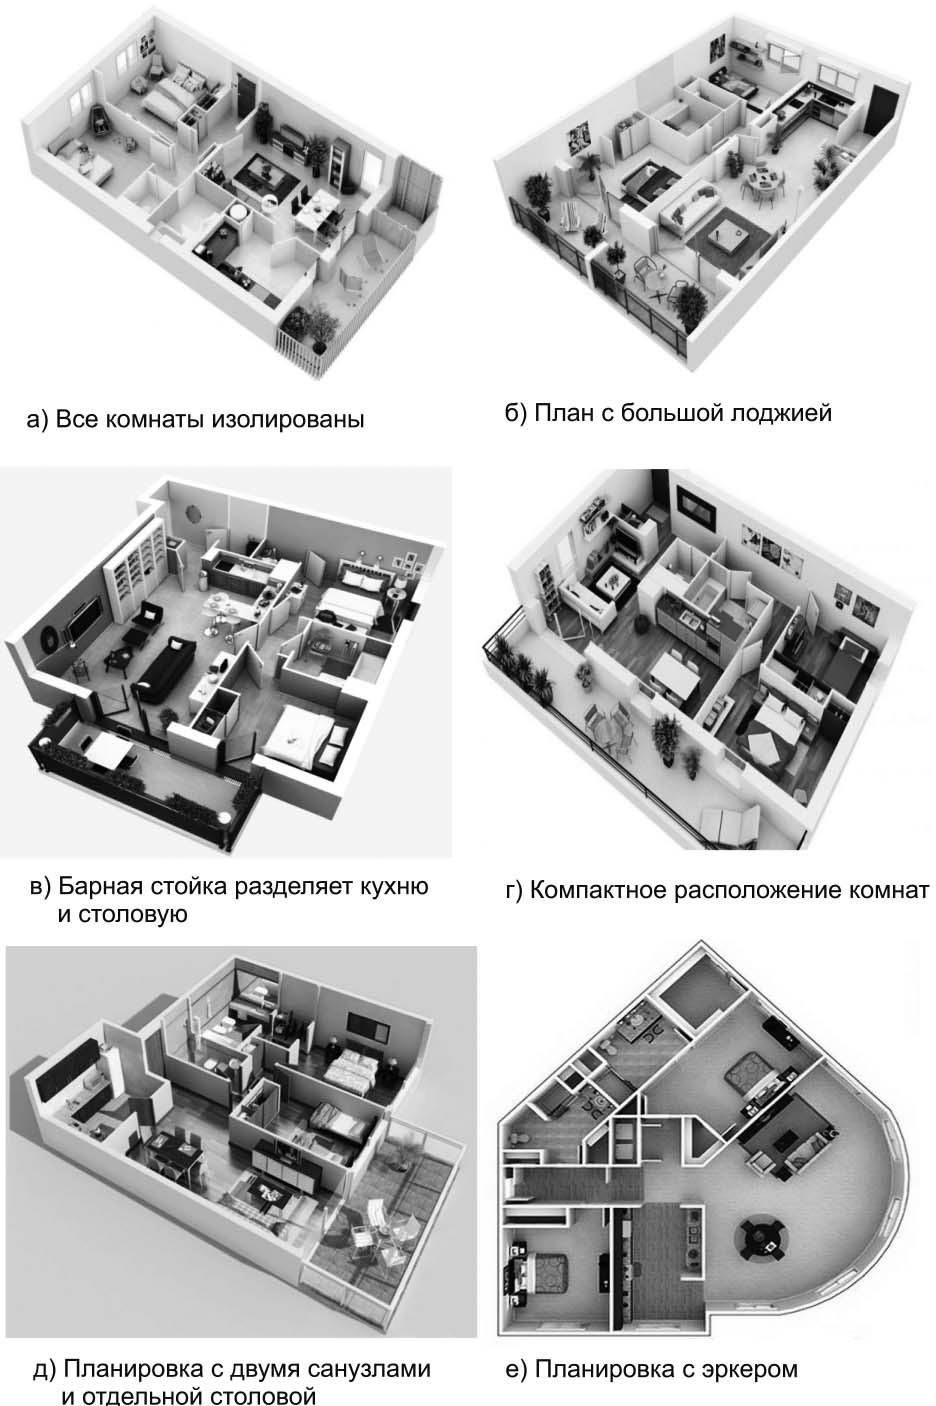 Примеры планировочных решений 3-комнатных квартир